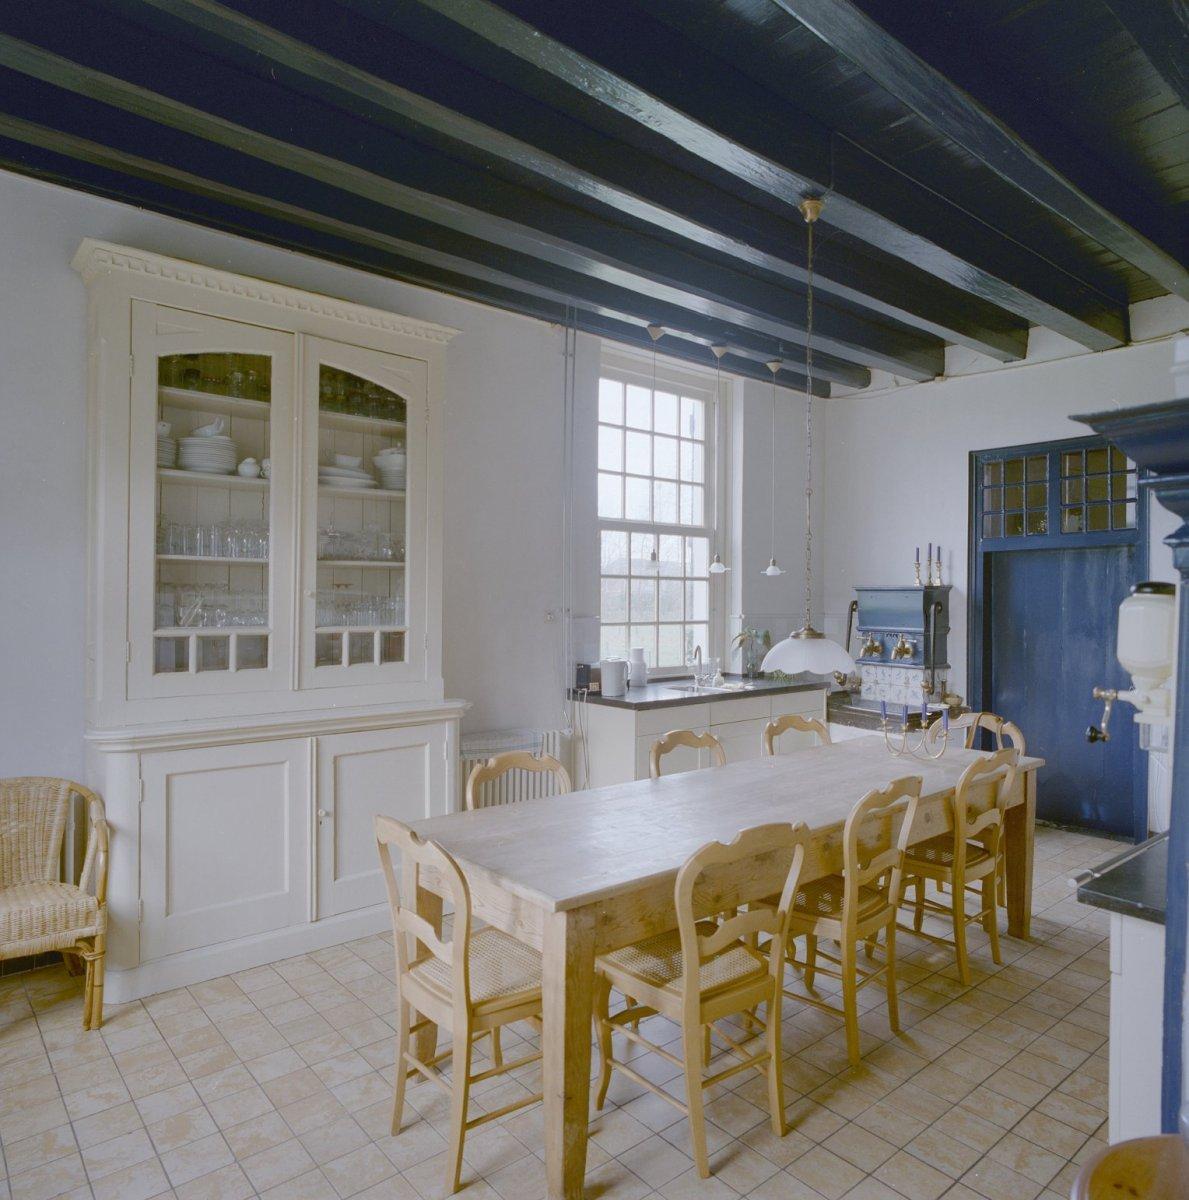 Bestand Interieur, overzicht keuken met houten balken plafond en pomp   Breda   20332398   RCE